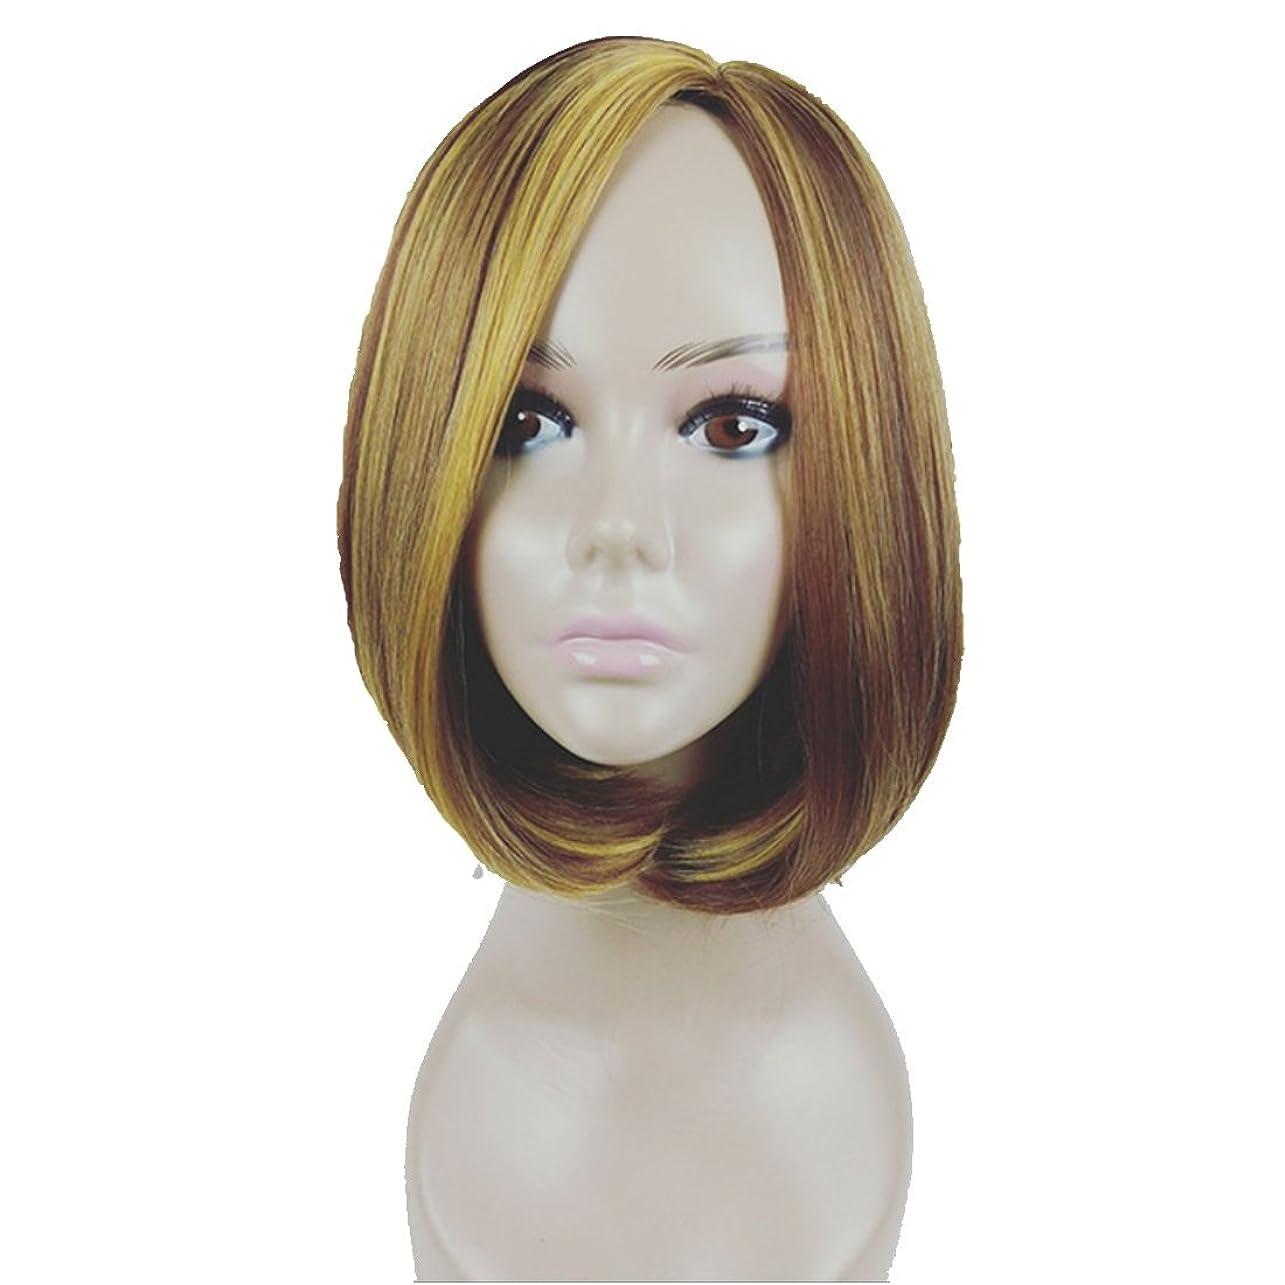 機構新しい意味乗ってYOUQIU ボボヘッドウィッグのためにパーティーに分割前髪ウィッグ自然なロングウェーブウィッグを持つ女性人間の髪のためにショートストレートウィッグ160グラムウィッグ (色 : Black gold)